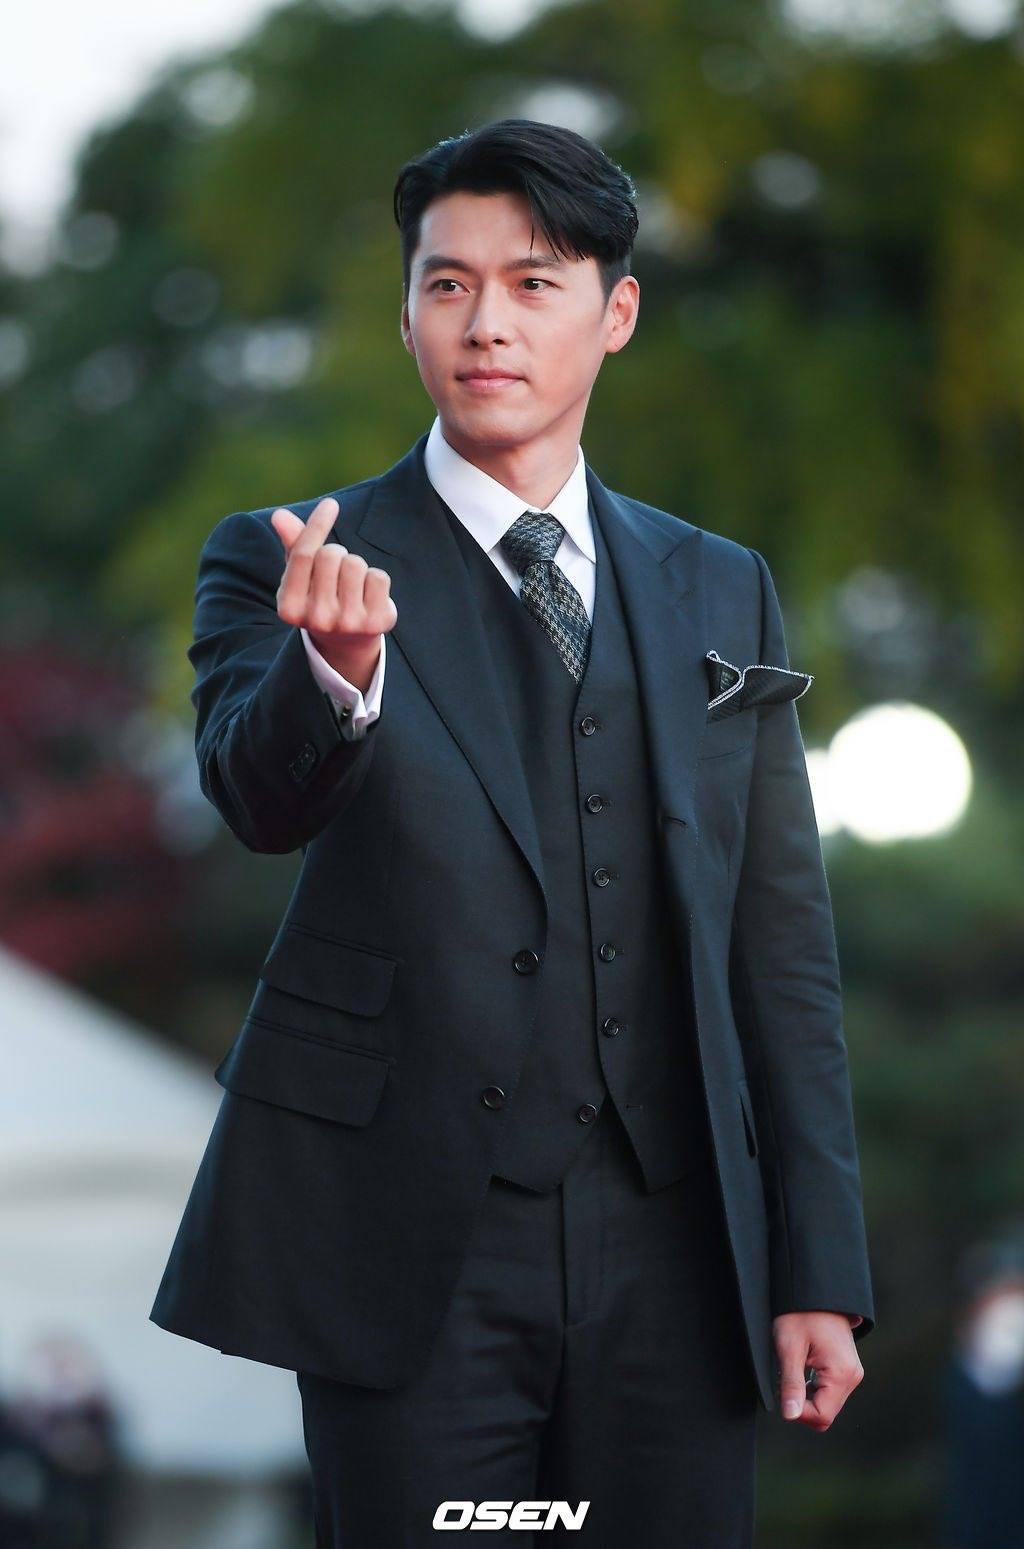 """Hyun Bin lẻ bóng vẫn điển trai chuẩn """"soái ca"""" đi nhận giải đặc biệt, Son Ye Jin làm điều bất ngờ - Ảnh 2."""